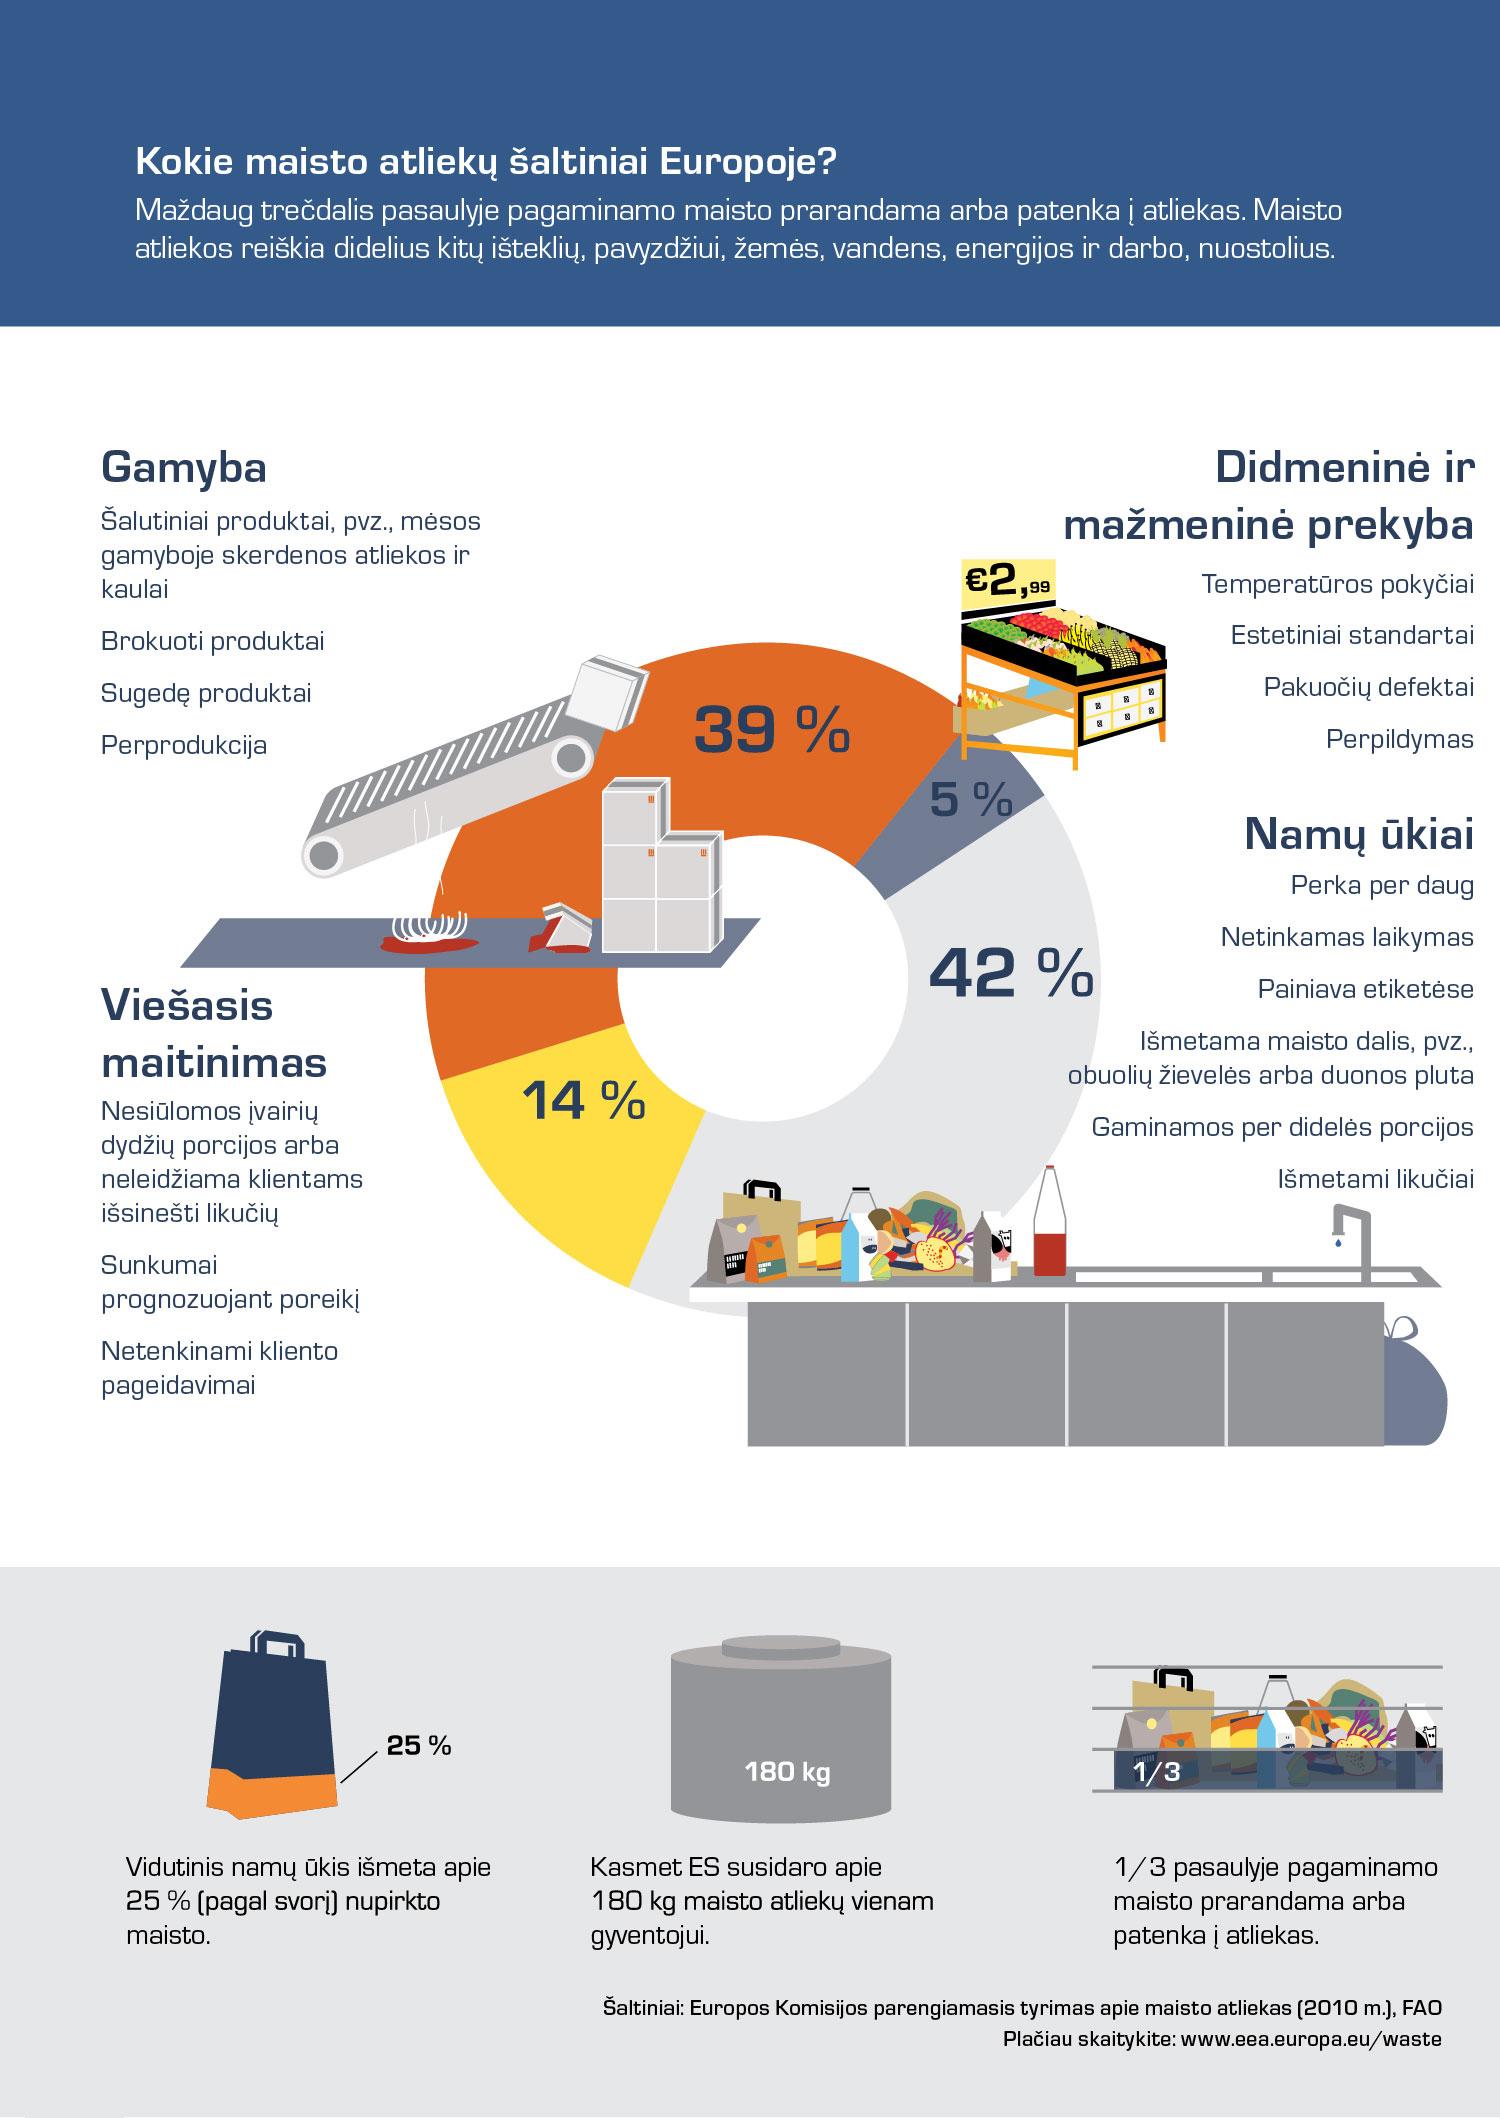 Kokie maisto atliekų šaltiniai Europoje?